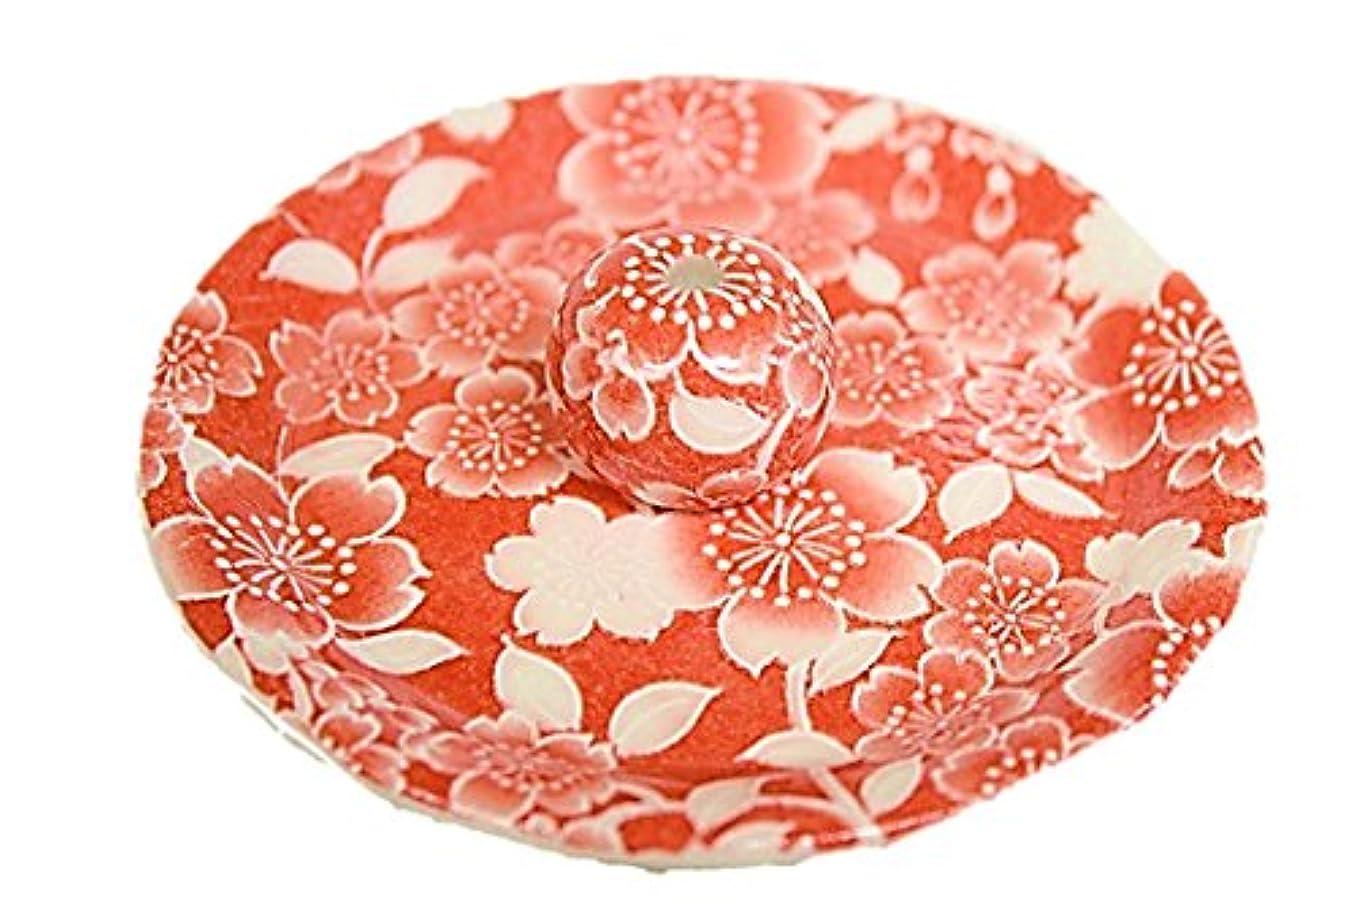 スポーツマンインド単独で9-27 桜友禅 赤 9cm香皿 お香立て お香たて 陶器 日本製 製造 直売